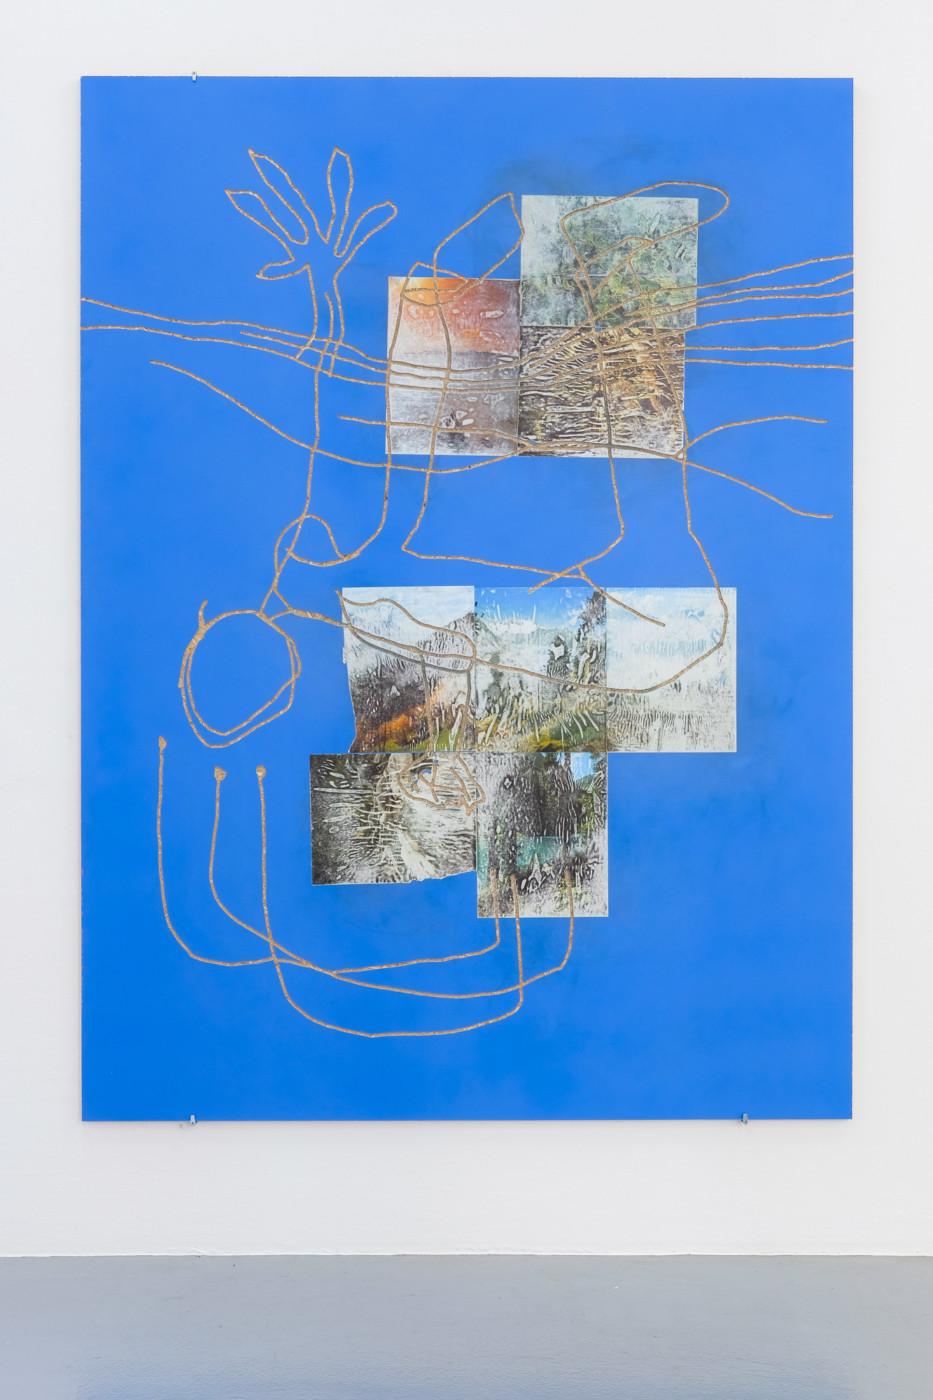 JULIEN CREUZET  Il pleut encore, des minis gouttelettes (...) , 2019 Hand etched mdf, pigment, paper 190 x 140 cm / 74.8 x 55.1 in - High Art Gallery Paris